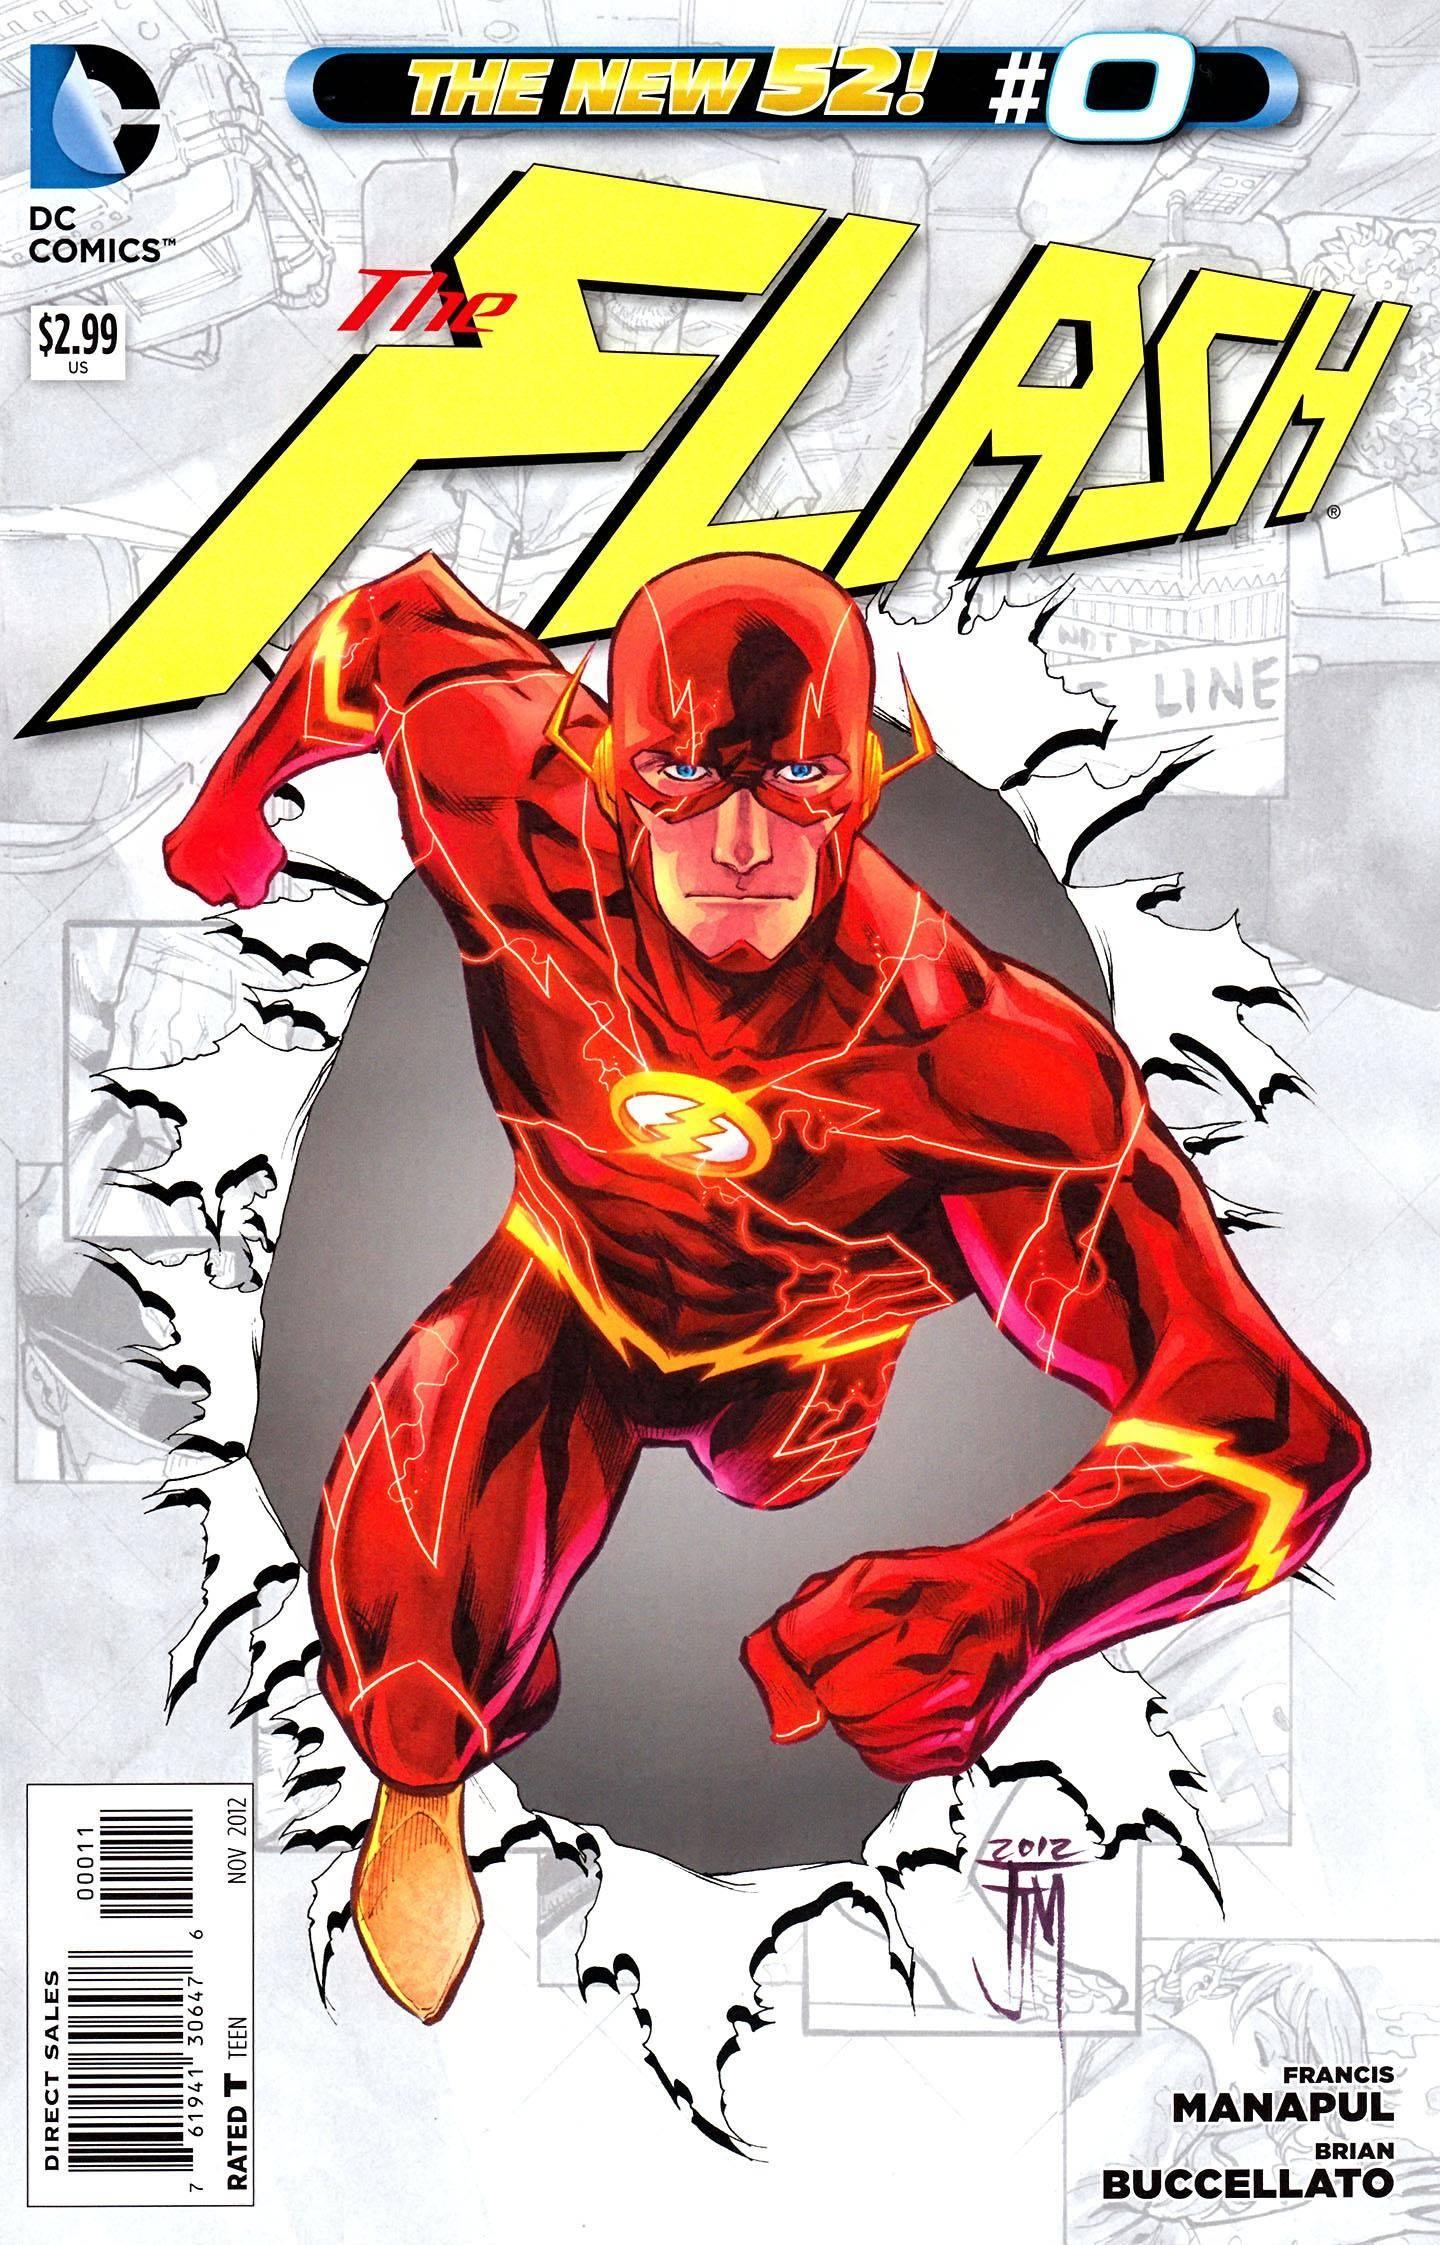 Flash 2009-OYATM 49 of 51Flash 2012-11 000